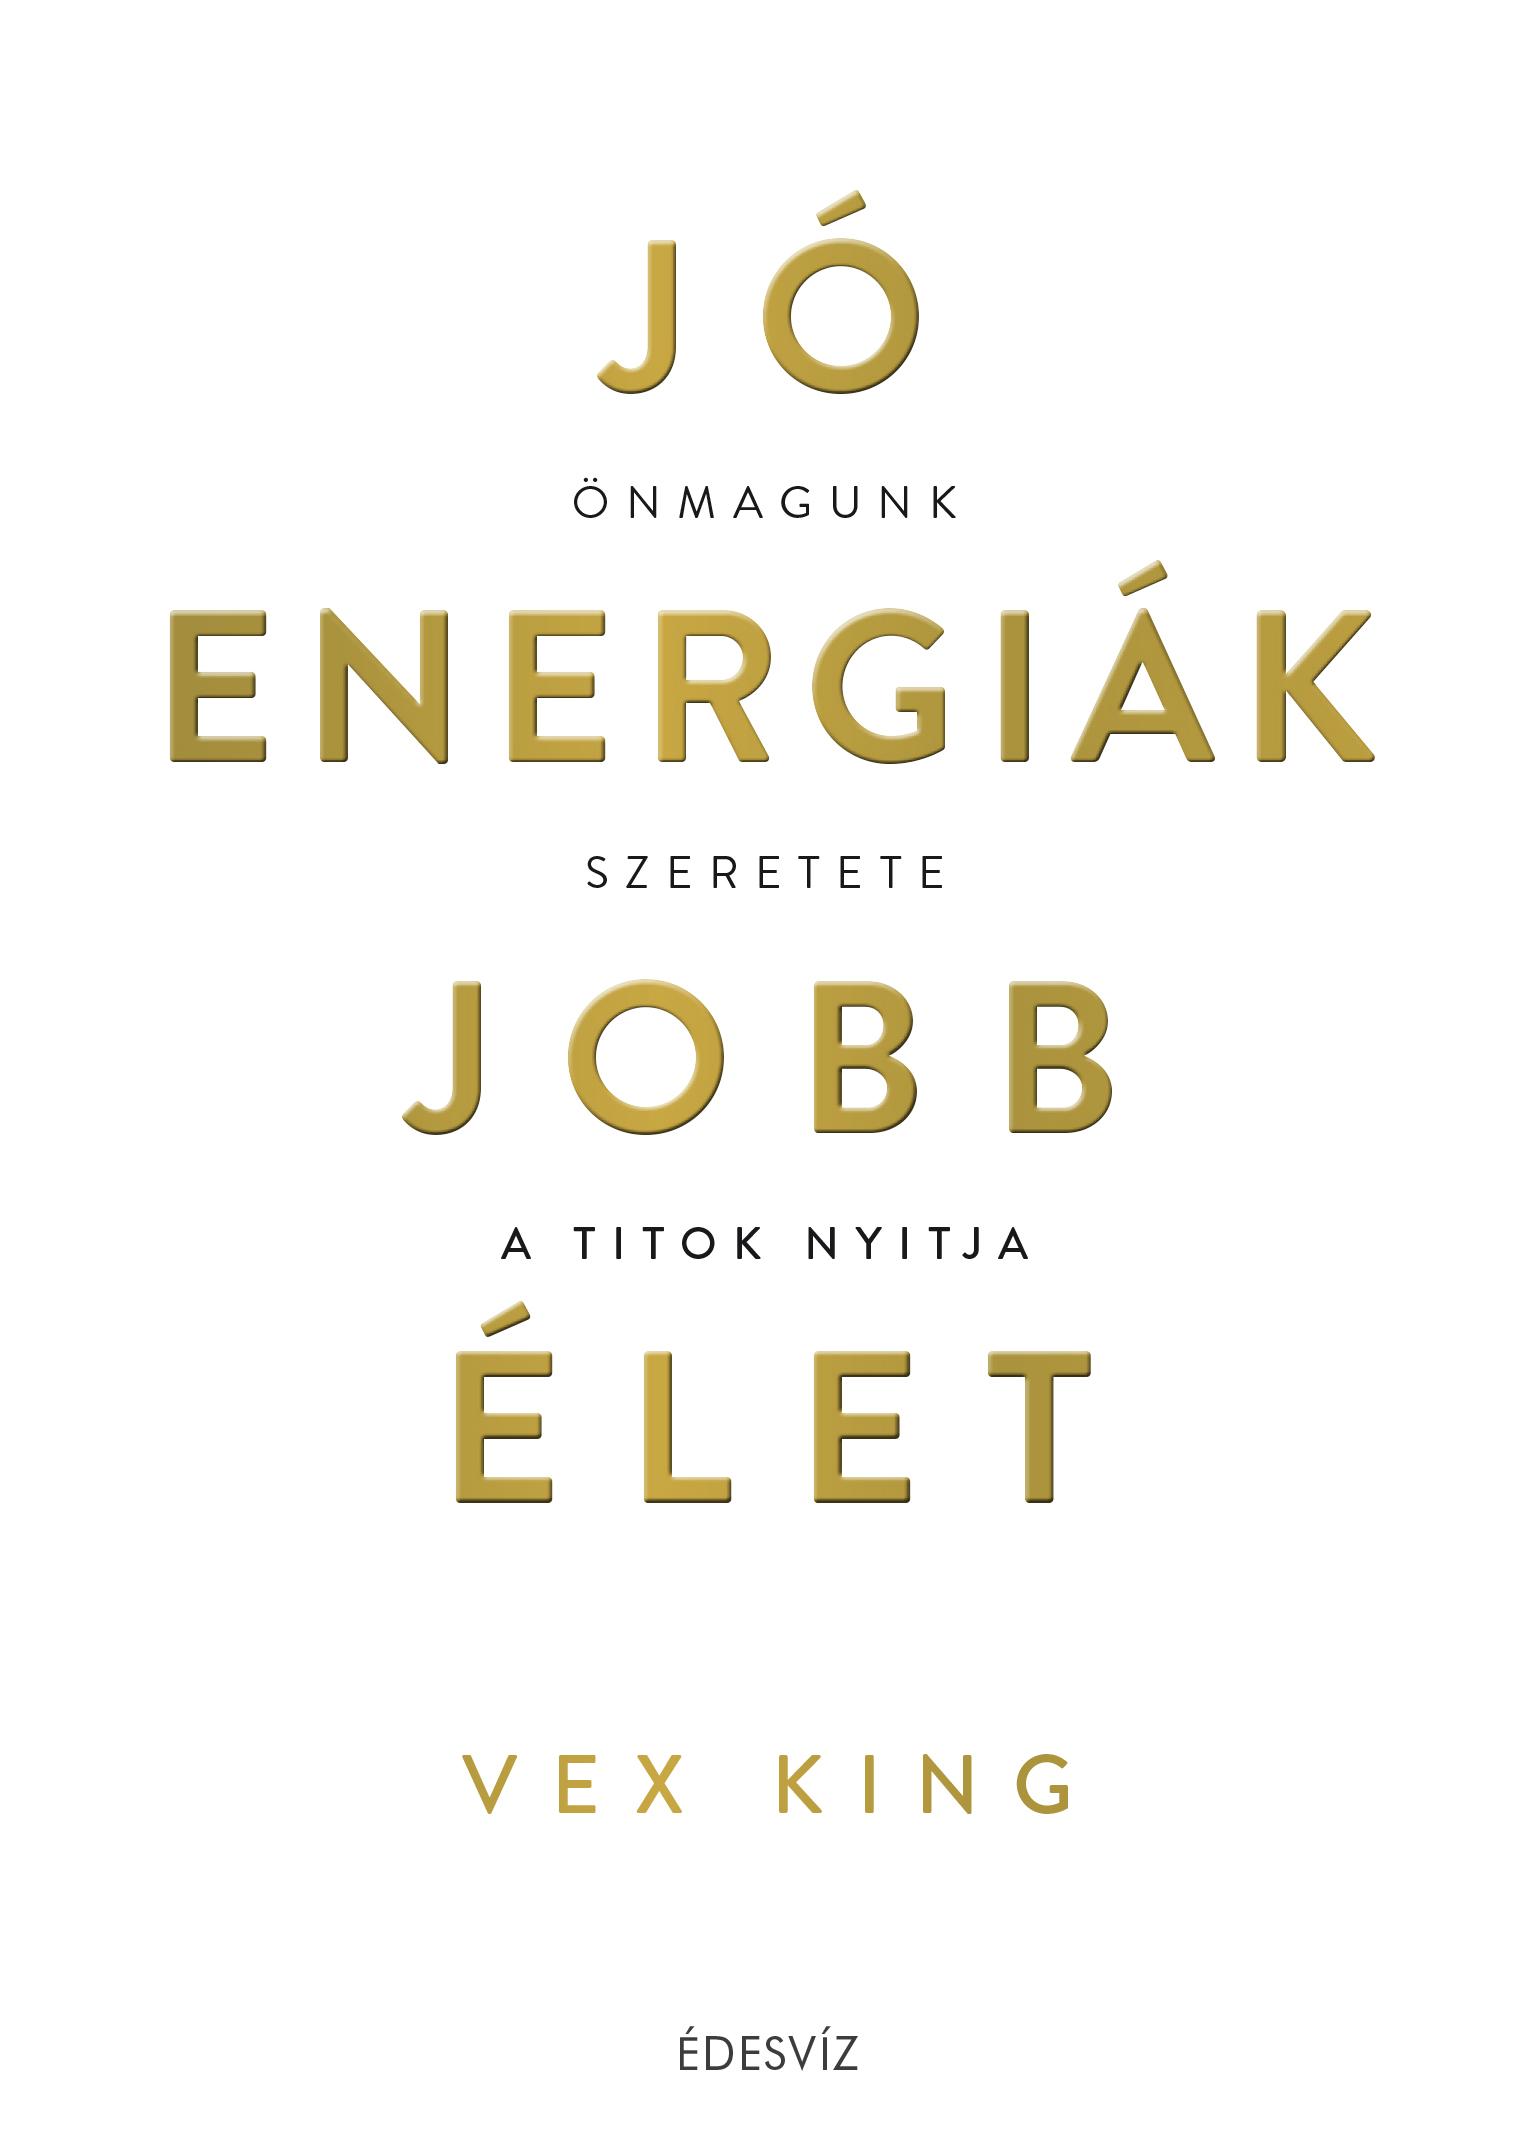 Vex King: Jó energiák, jobb élet